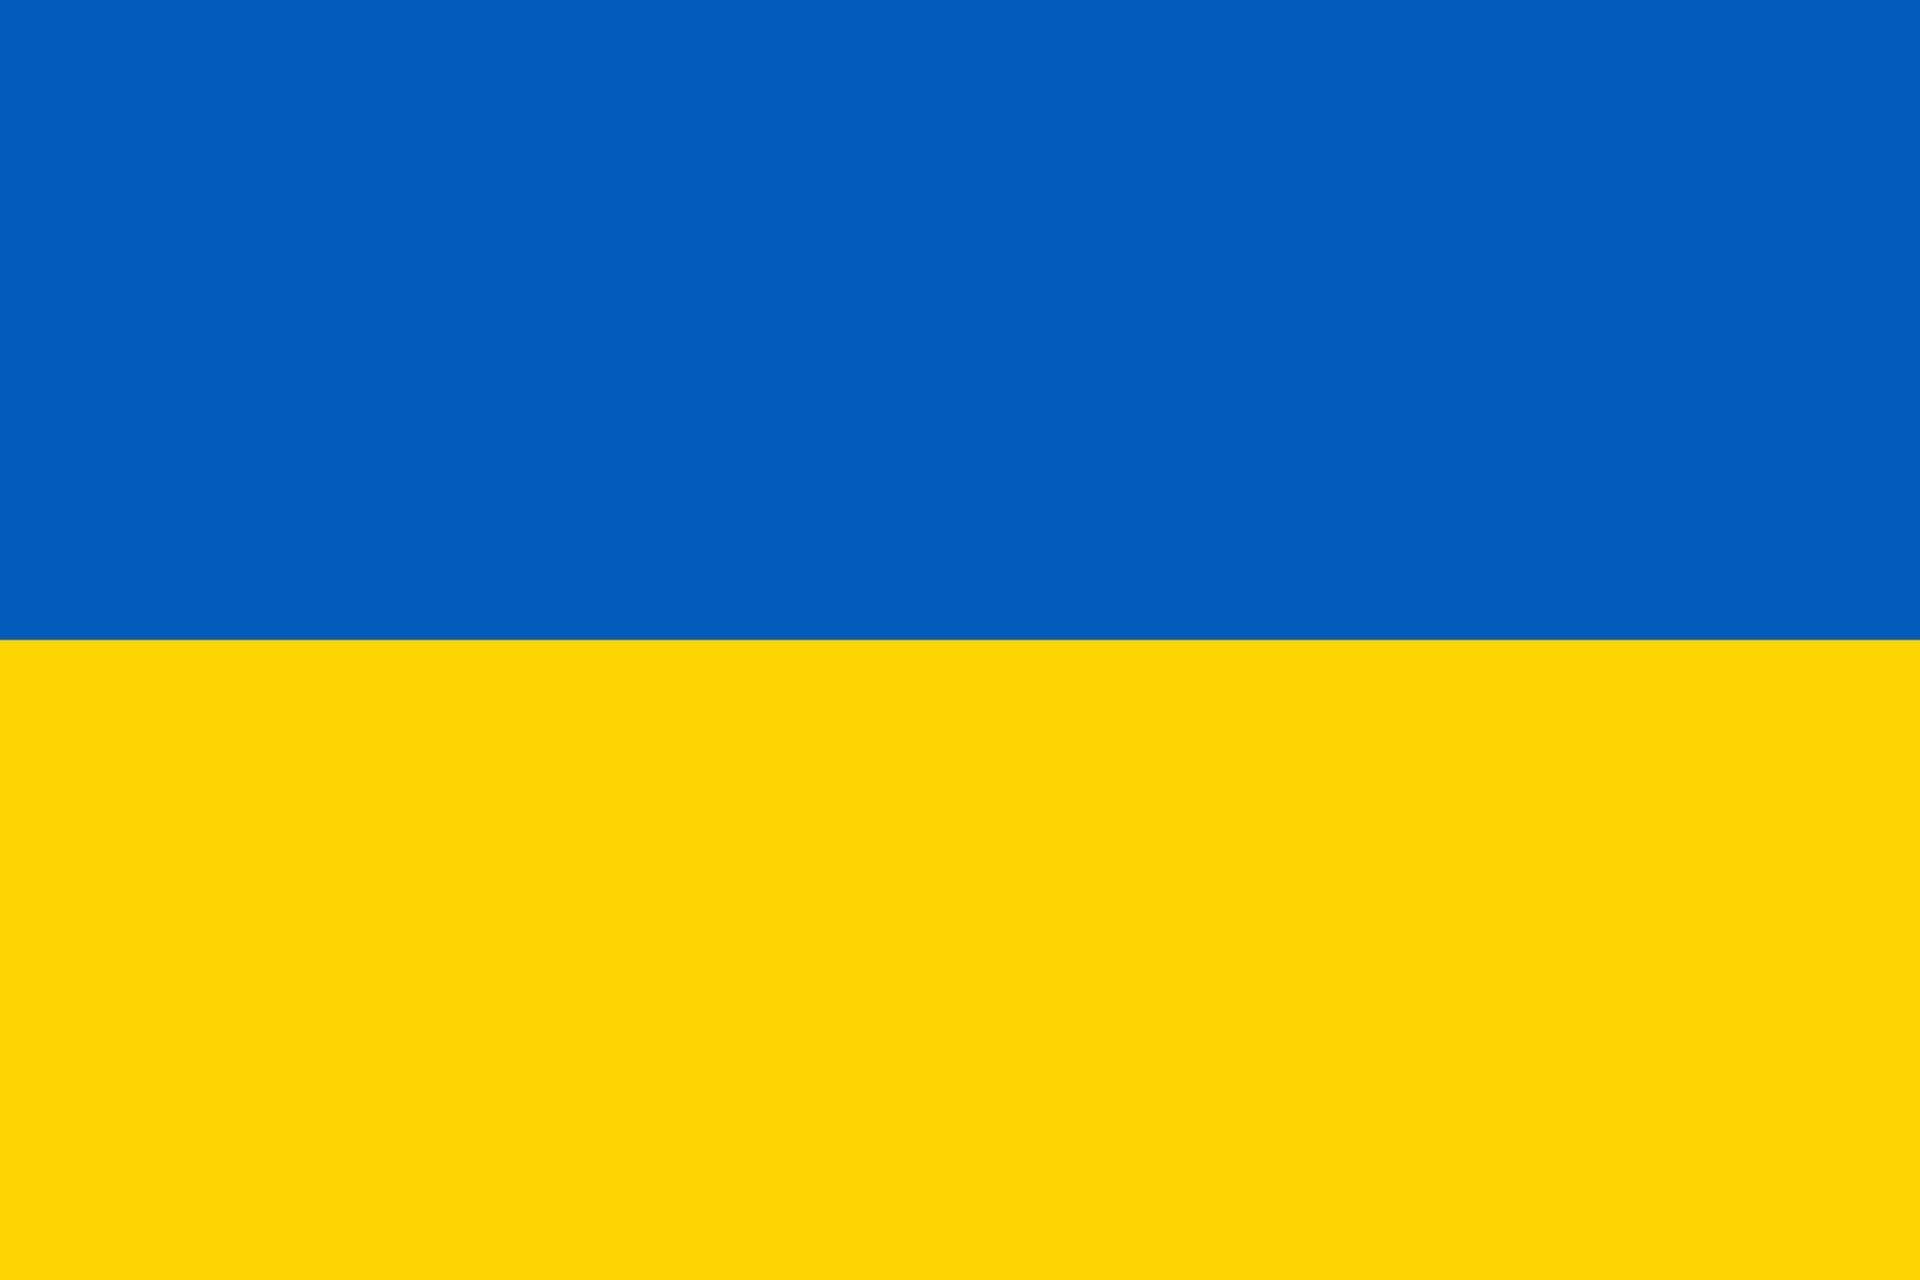 ukraine-flag-large